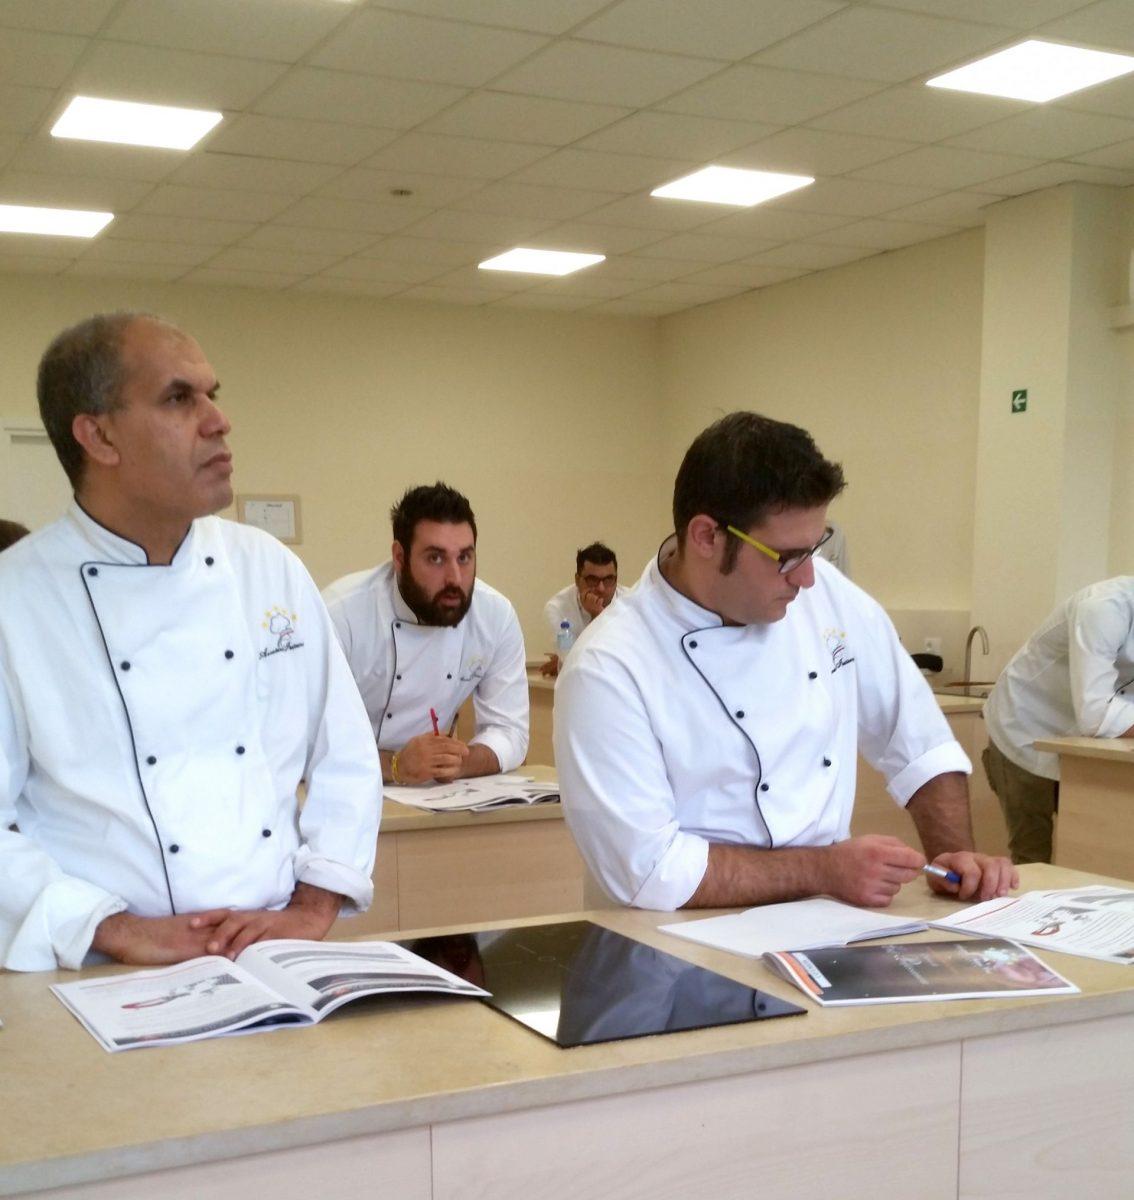 Scuola di cucina rassegna stampa panorama chef 04 febbraio 2016 accademia italiana chef - Scuola di cucina firenze ...